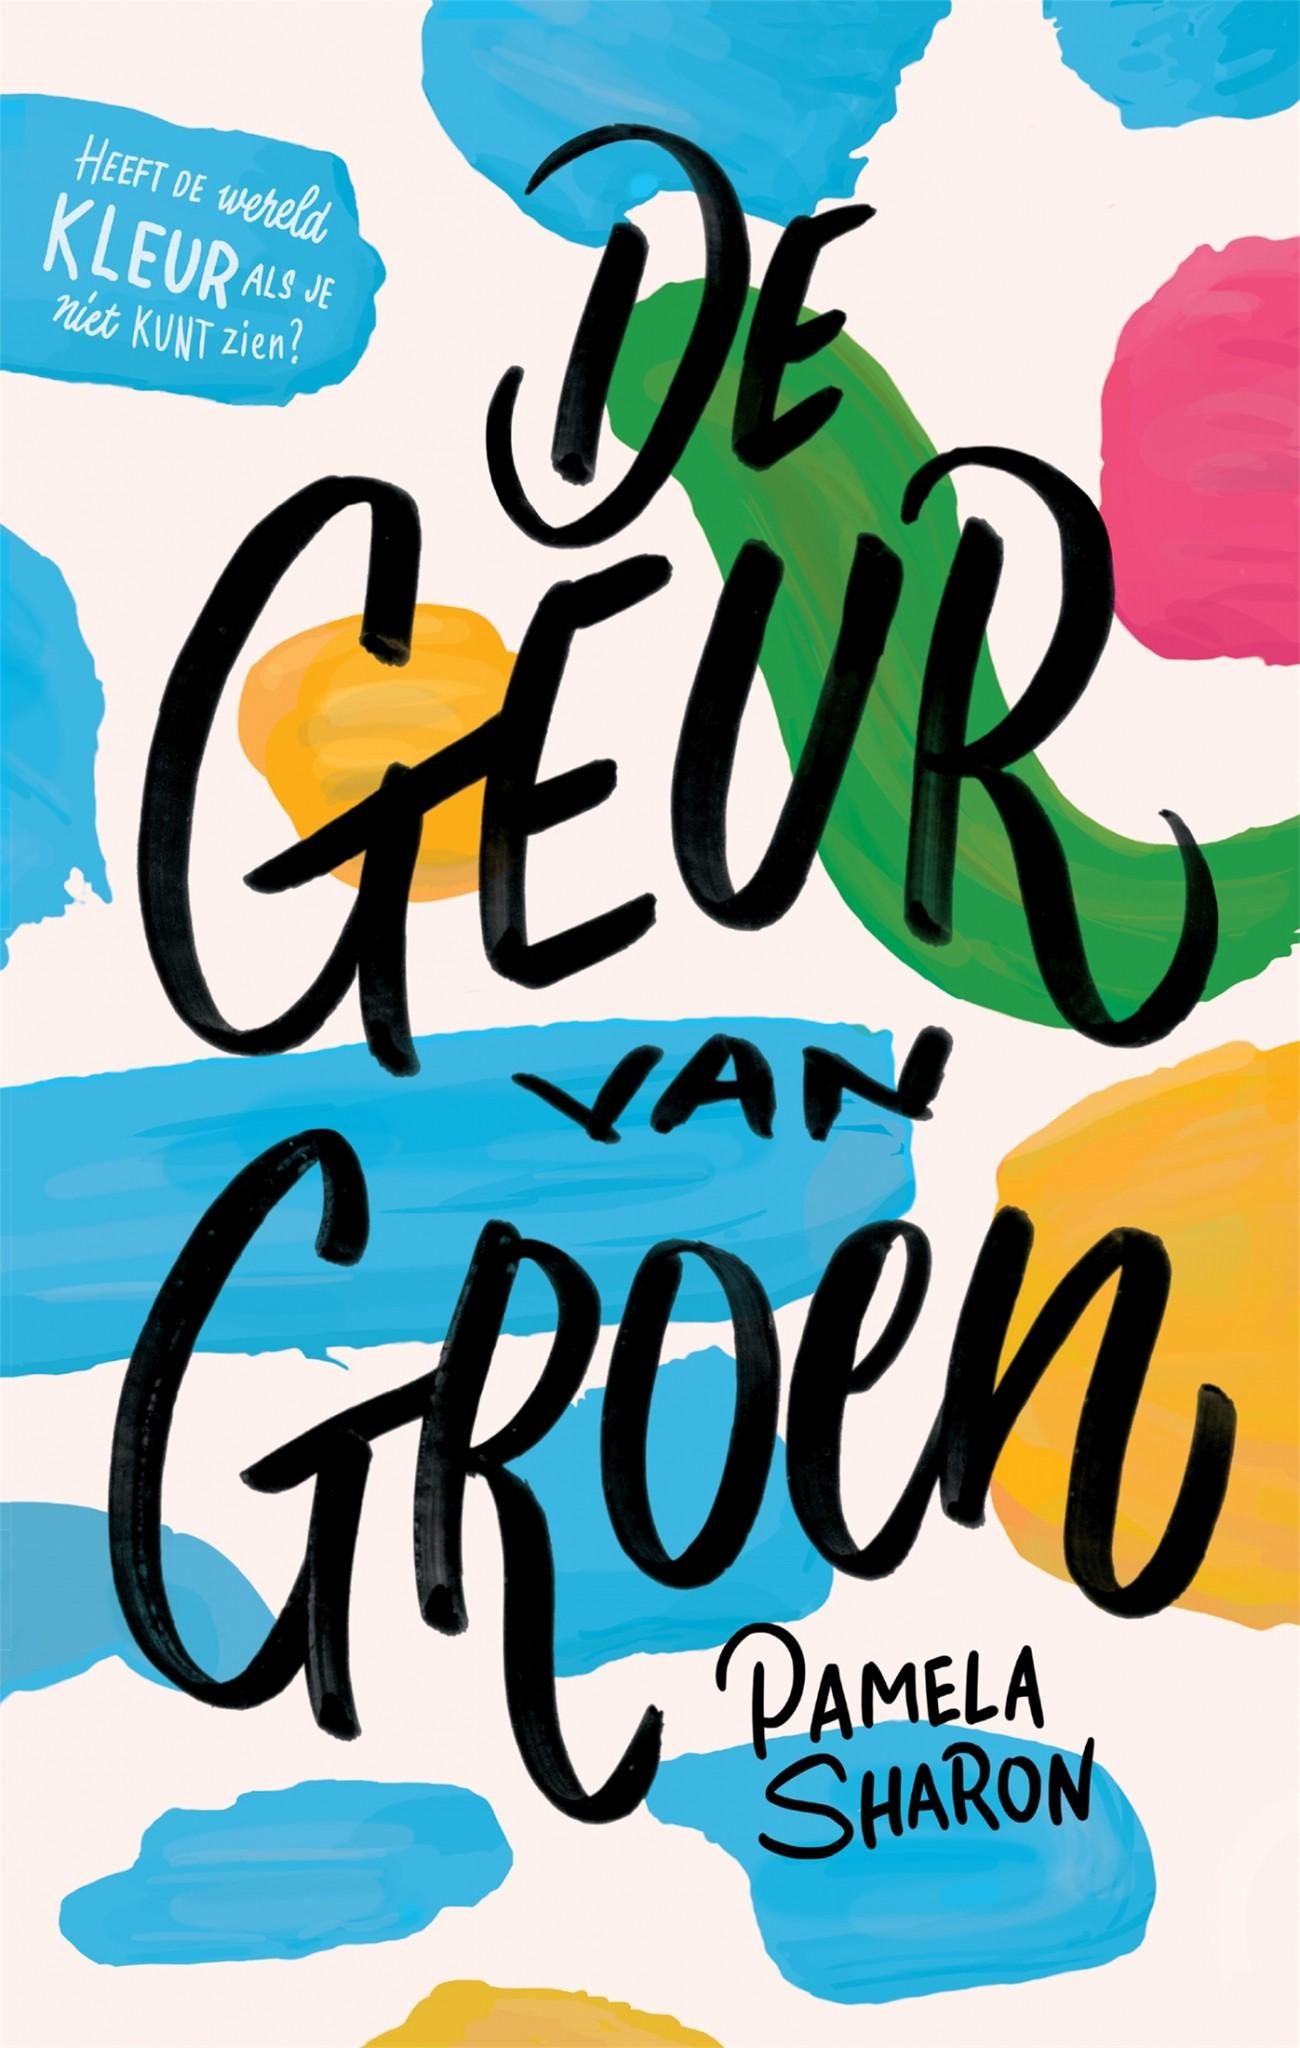 Het boek 'De geur van groen' van Pamela Sharon is één van de elf Leestips van de Jonge Jury 2020